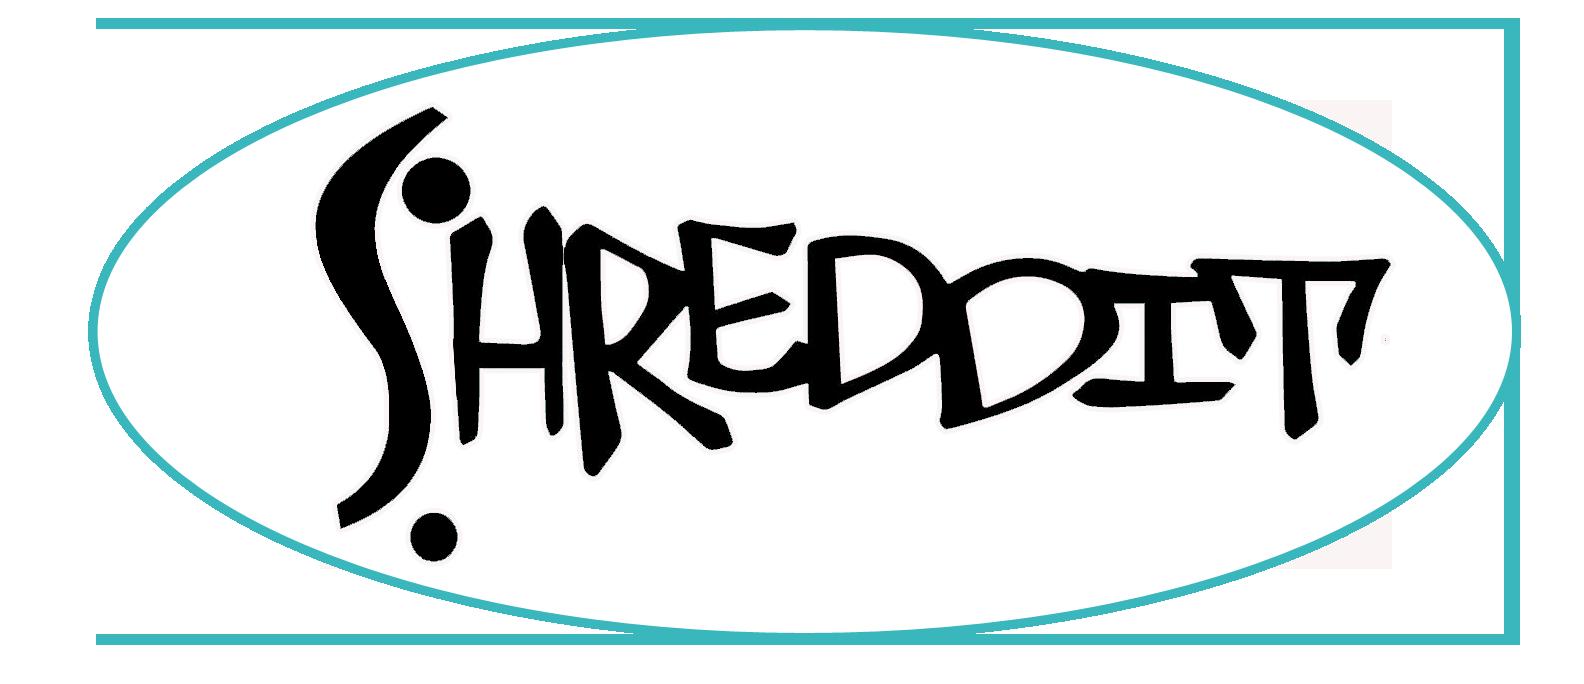 Shreddit App